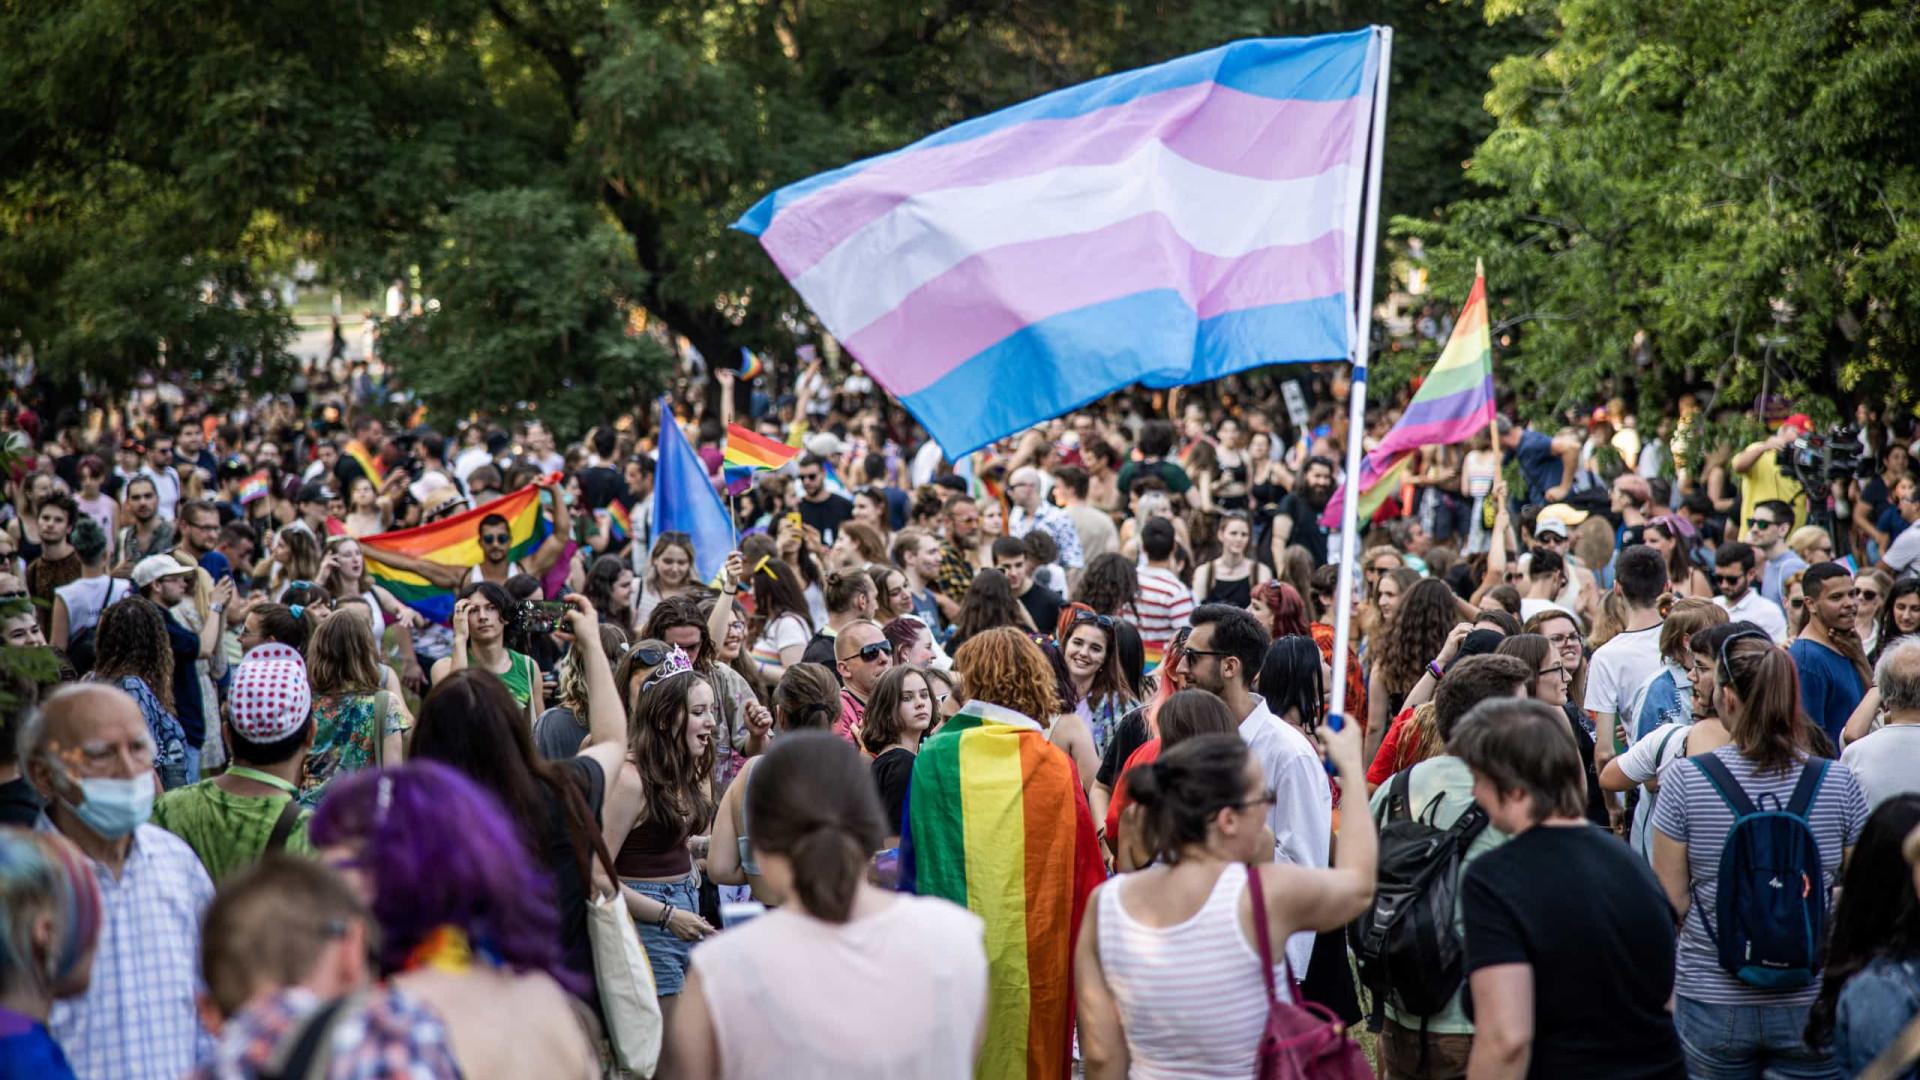 Parada reúne milhares na Hungria contra lei anti-LGBT